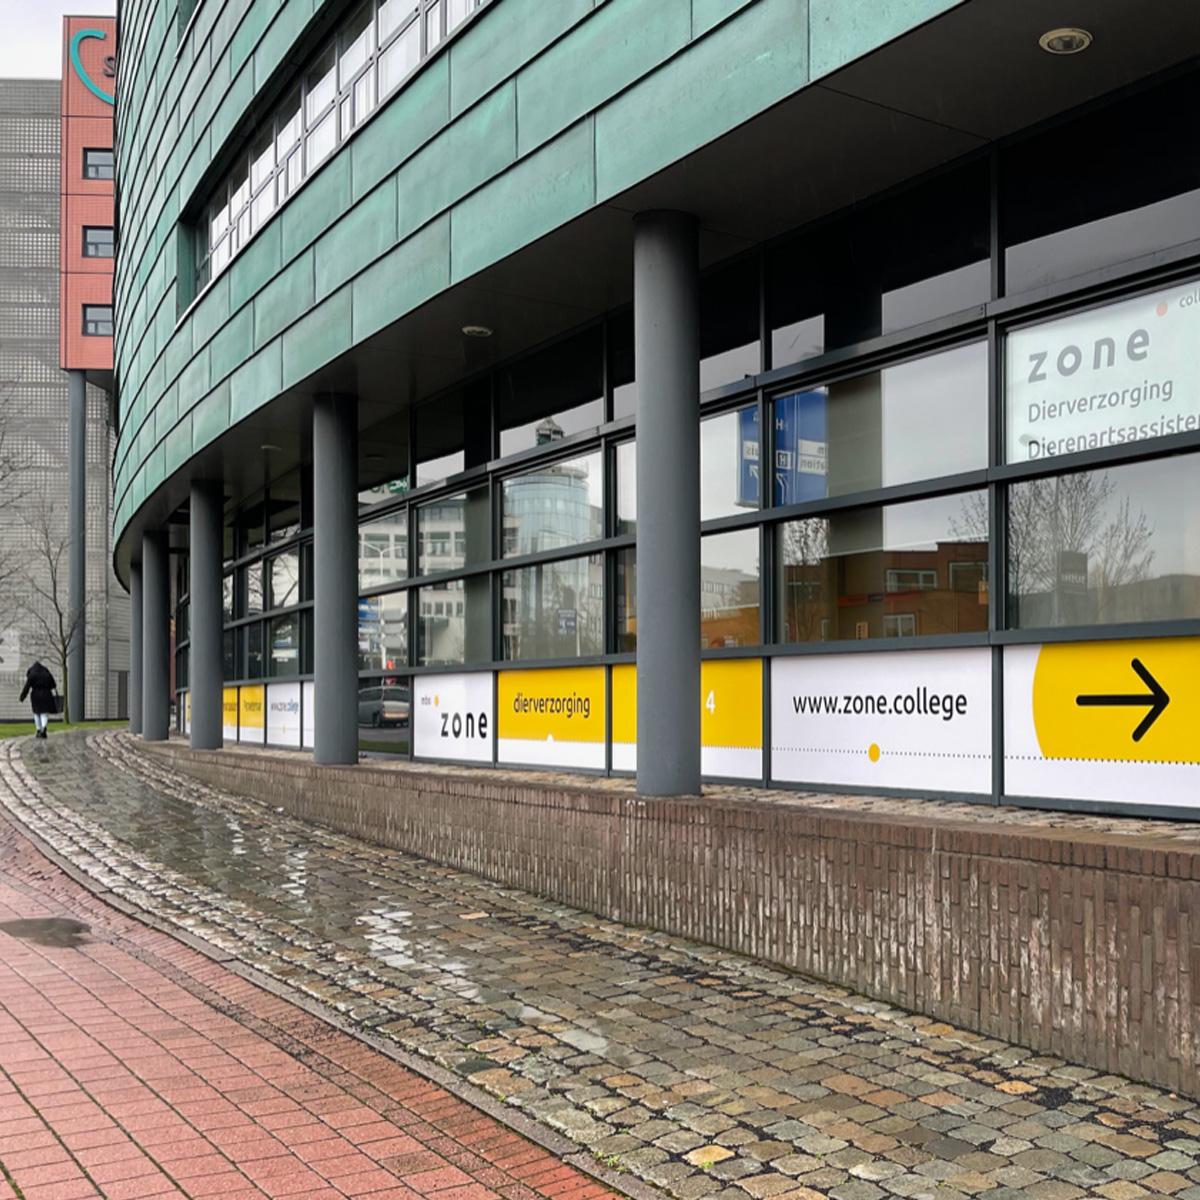 buitenkant schoolgebouw deventer signing zone.college